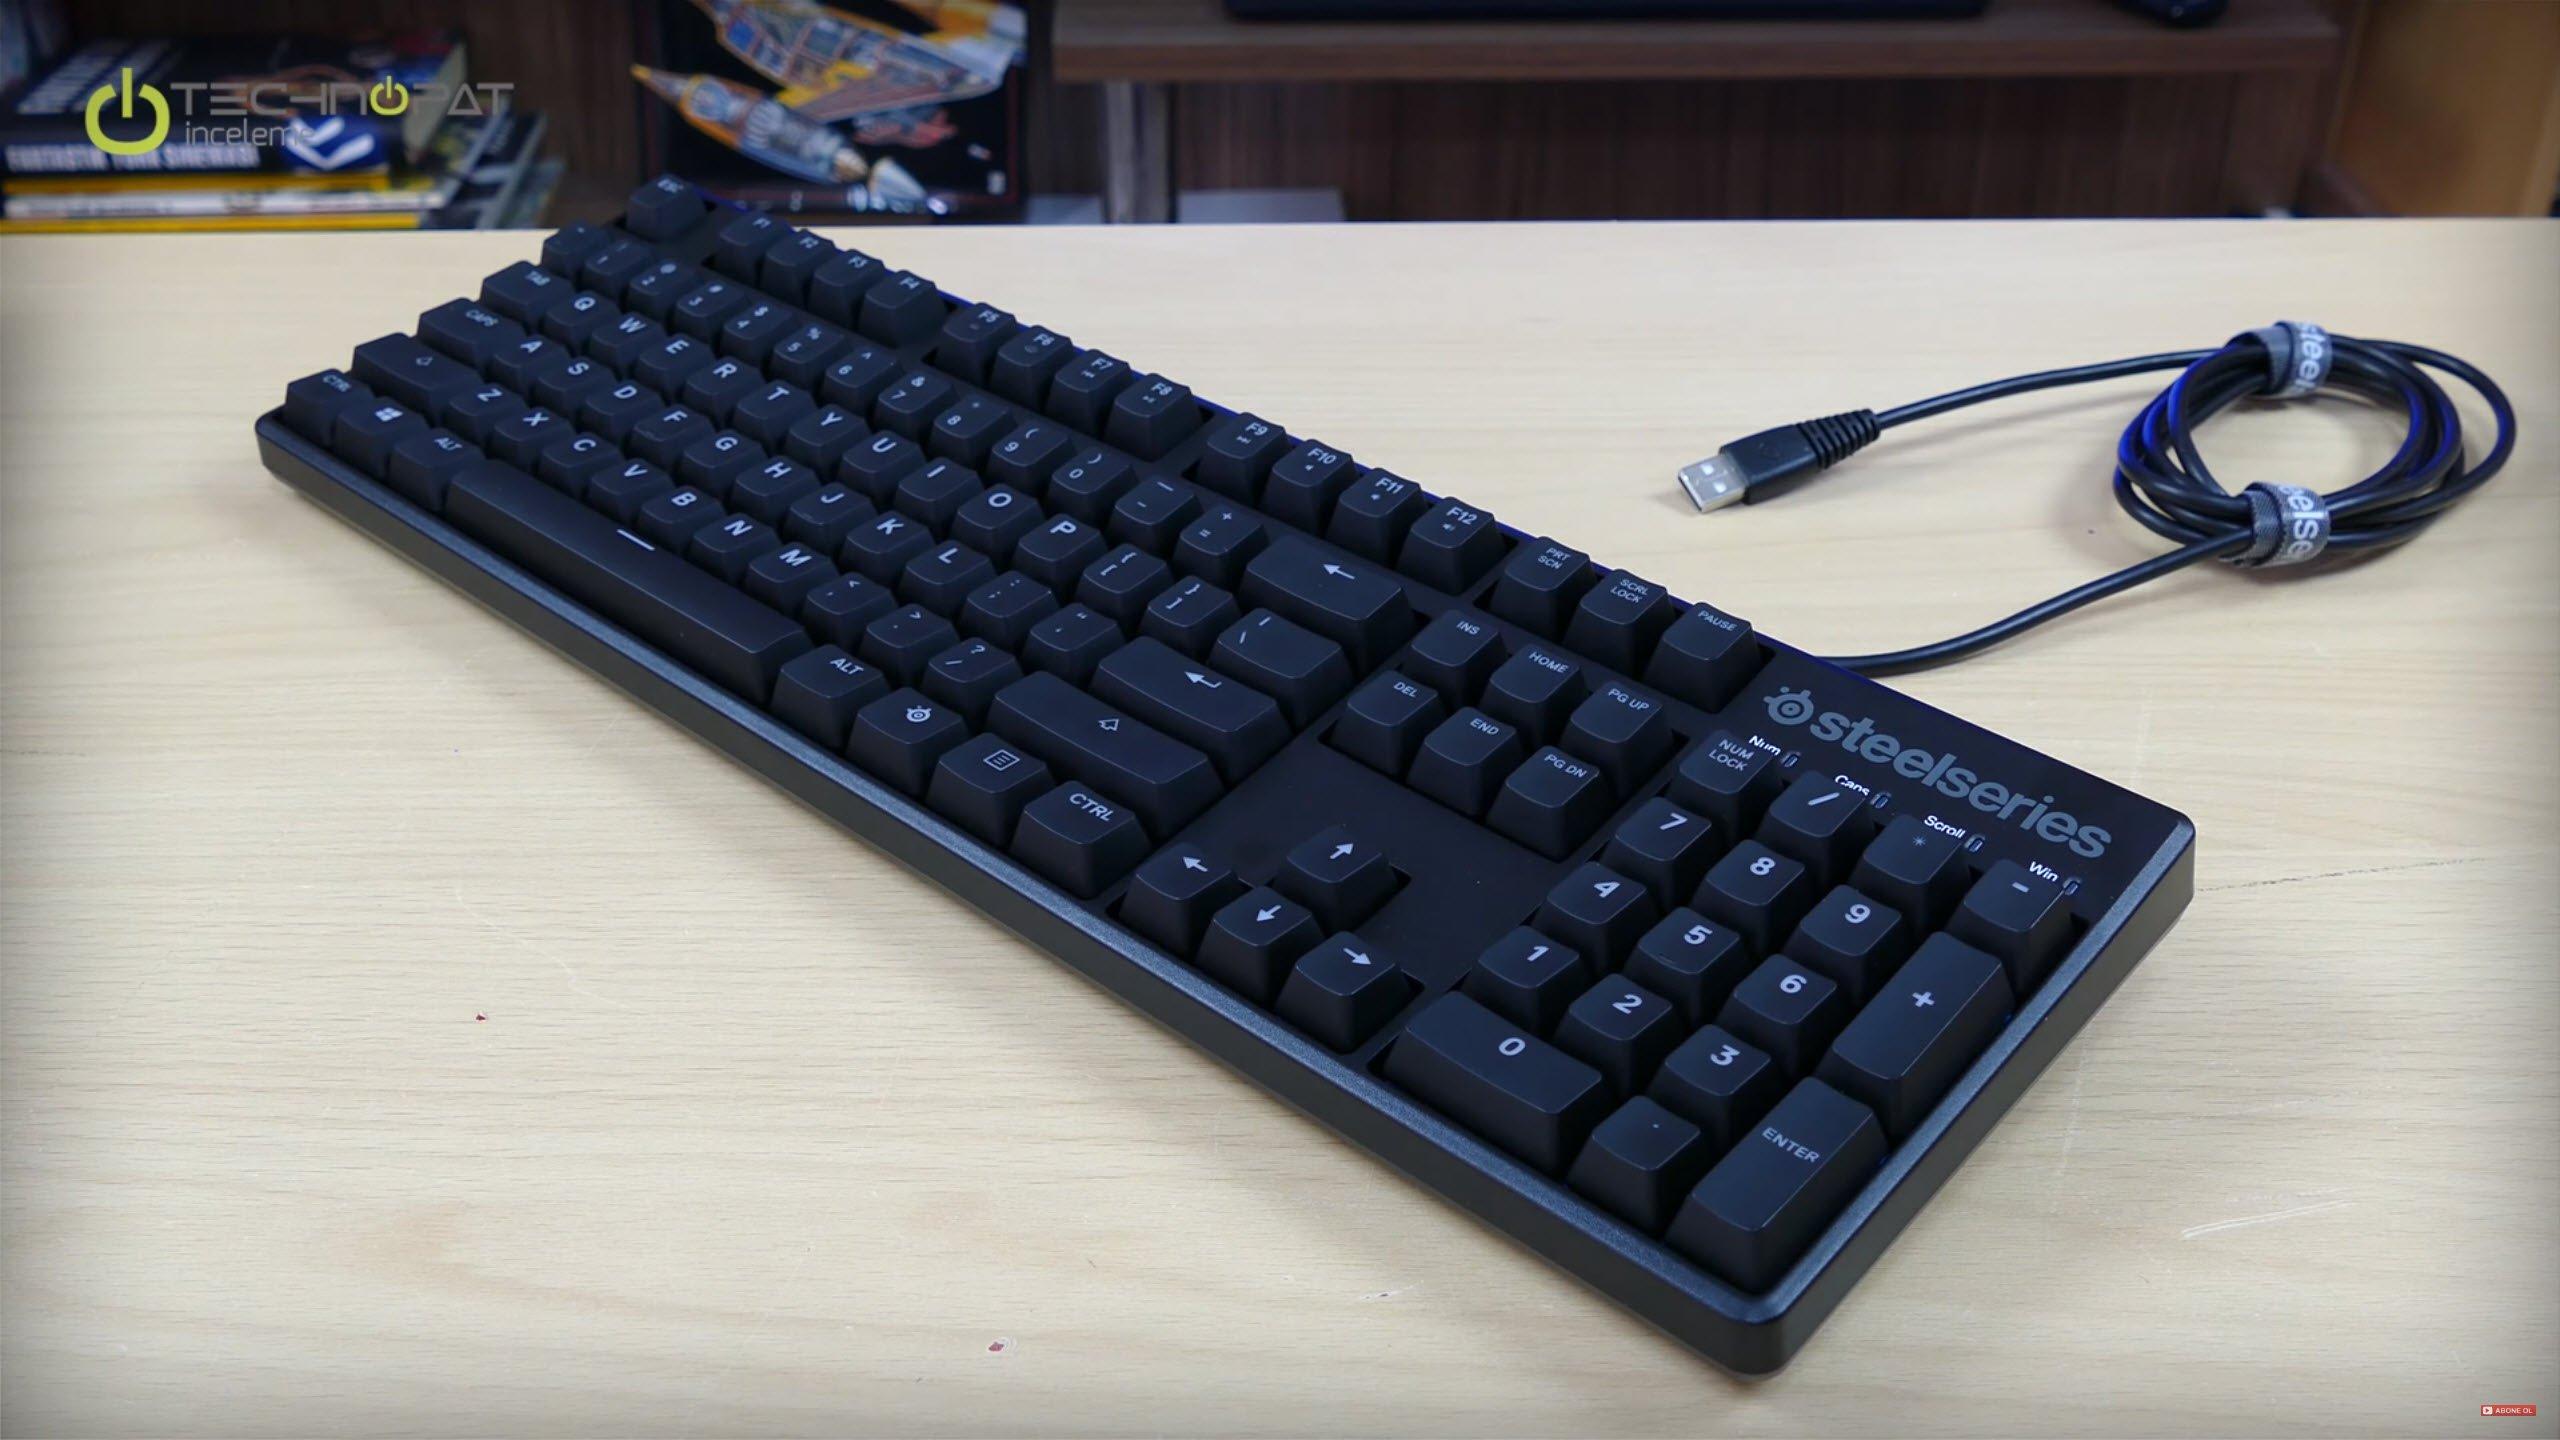 SteelSeries Apex M500 Mekanik Oyuncu Klavyesi İncelemesi